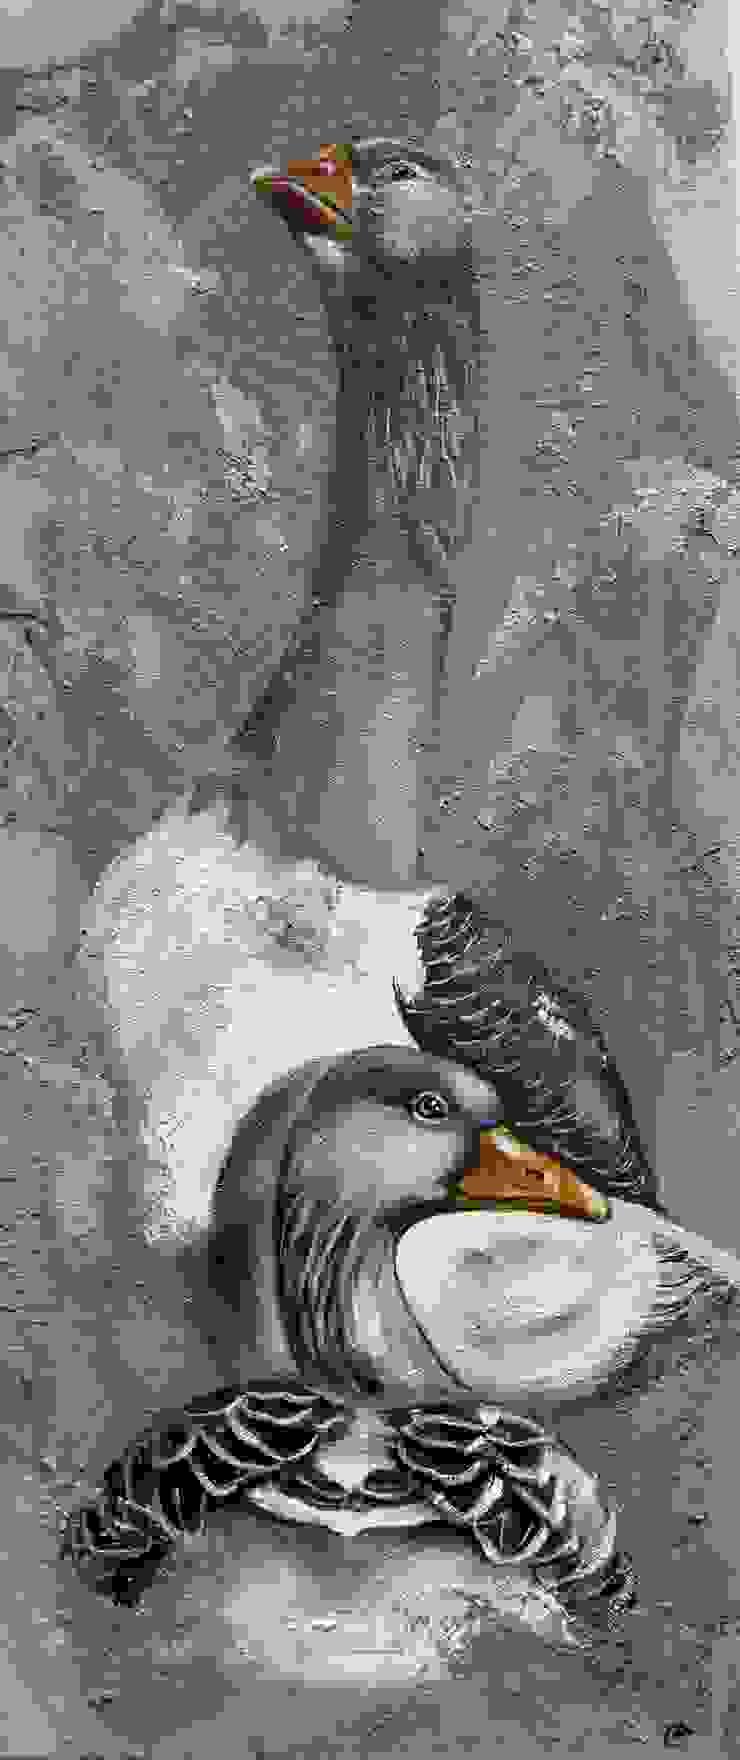 Odile Laresche Artiste Peintre Animalier Camera da lettoAccessori & Decorazioni